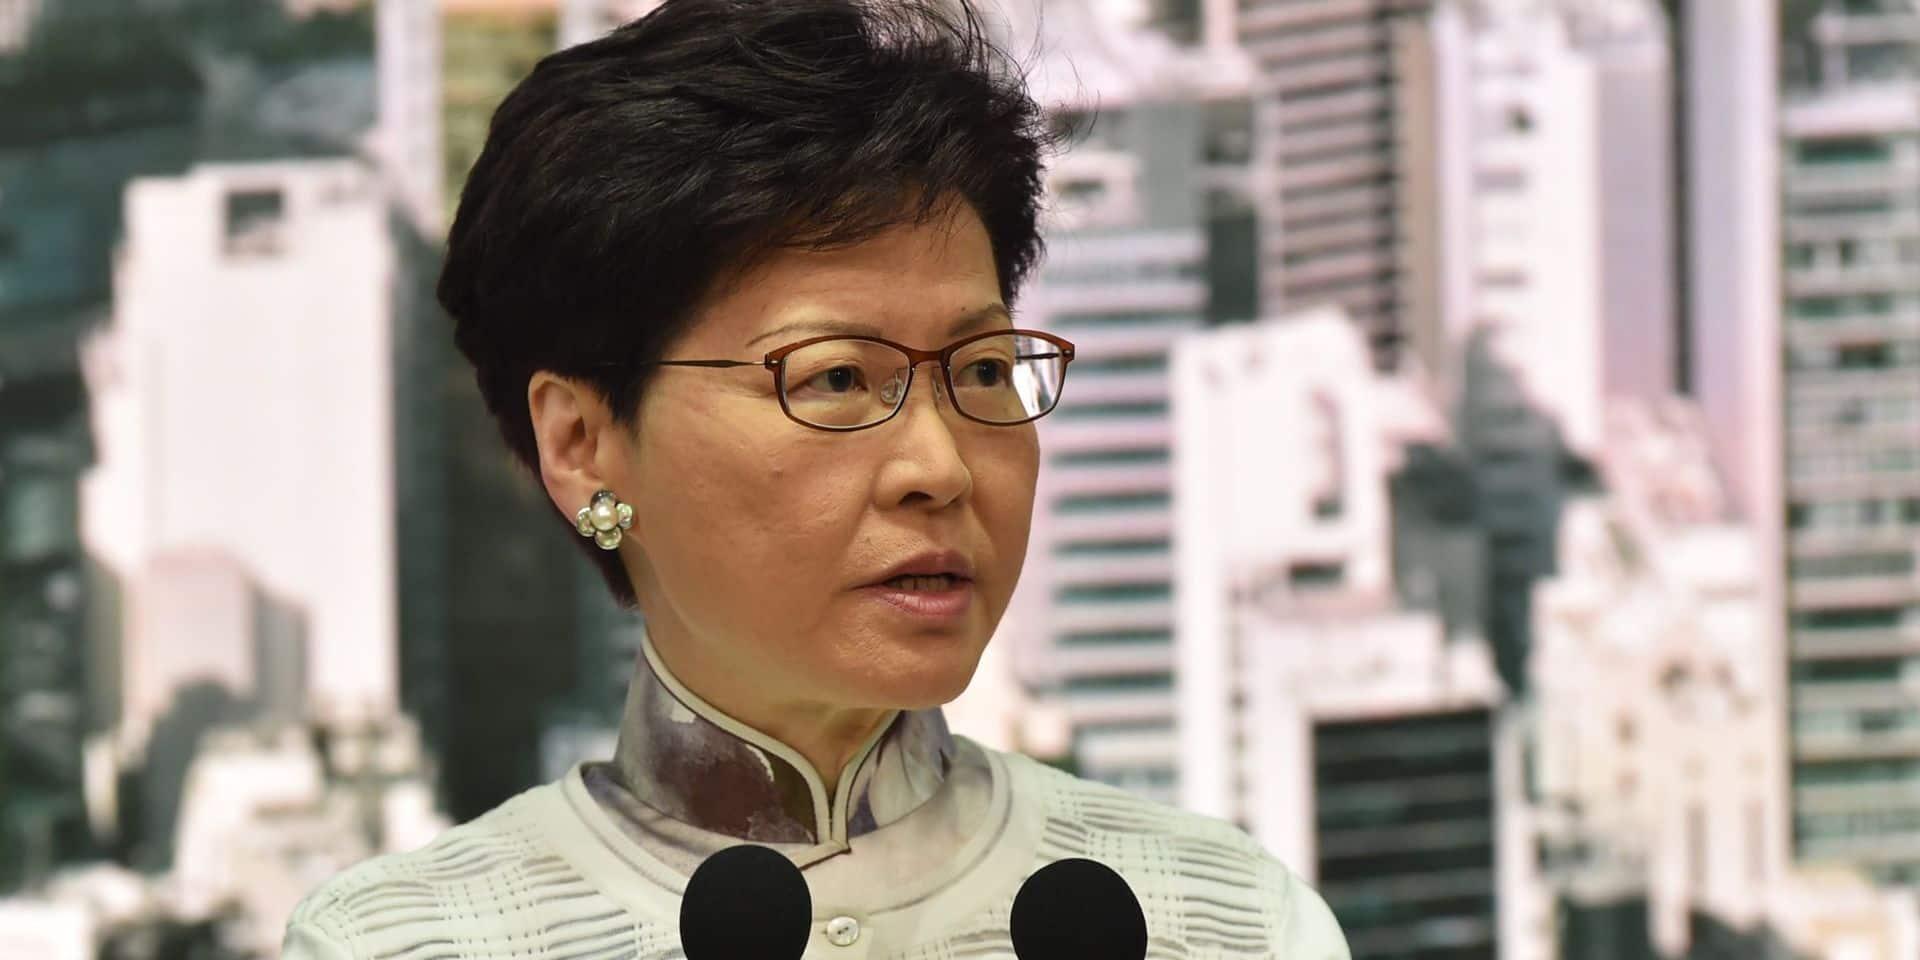 La dirigeante de Hong Kong annonce la suspension du controversé projet de loi